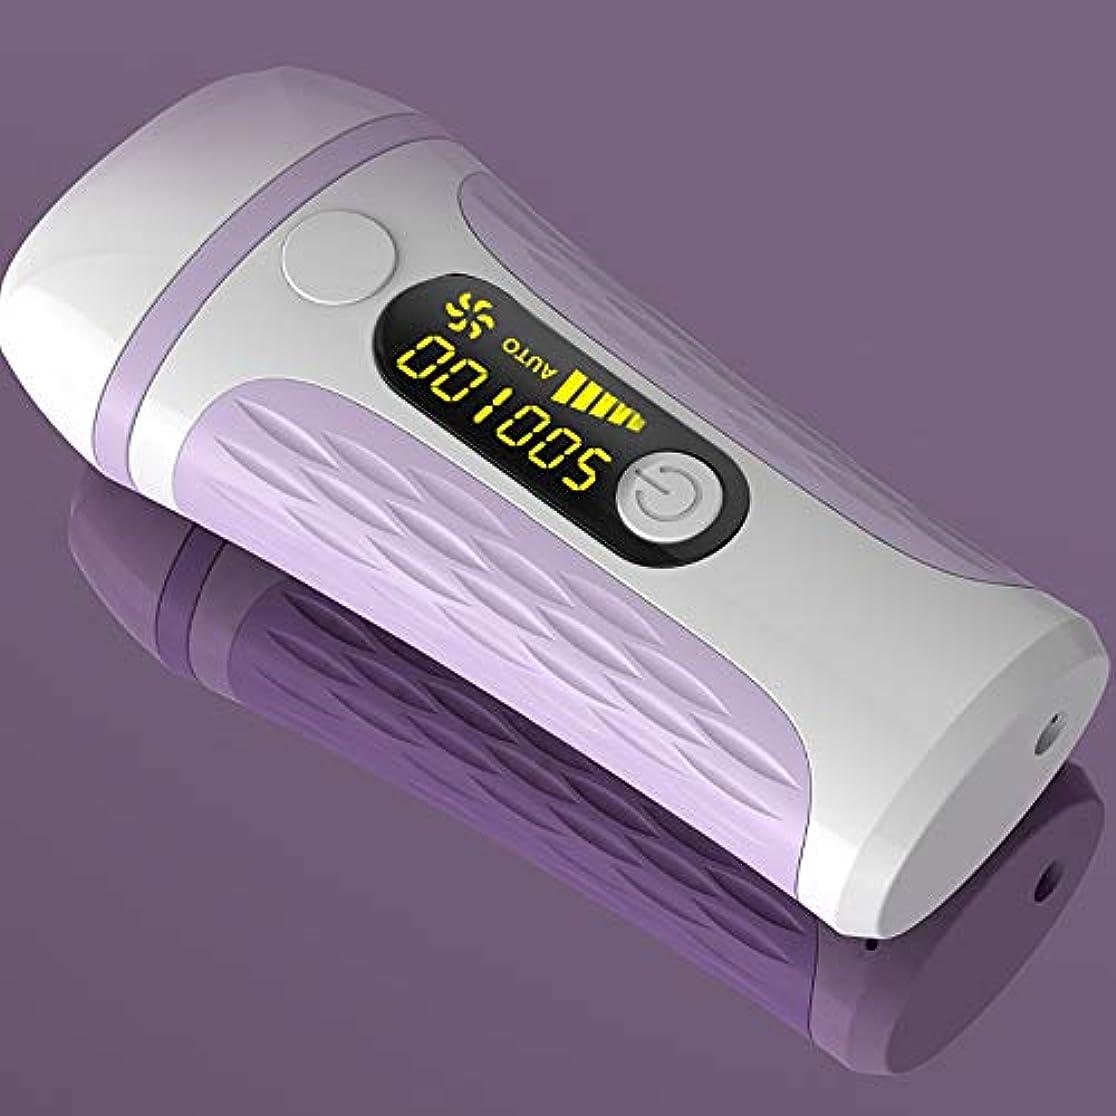 終点エールチャネルIPL脱毛システム、IPLライト脱毛装置家庭用、500,000点滅LCDディスプレイ付き永久痛みのない脱毛装置,Purple